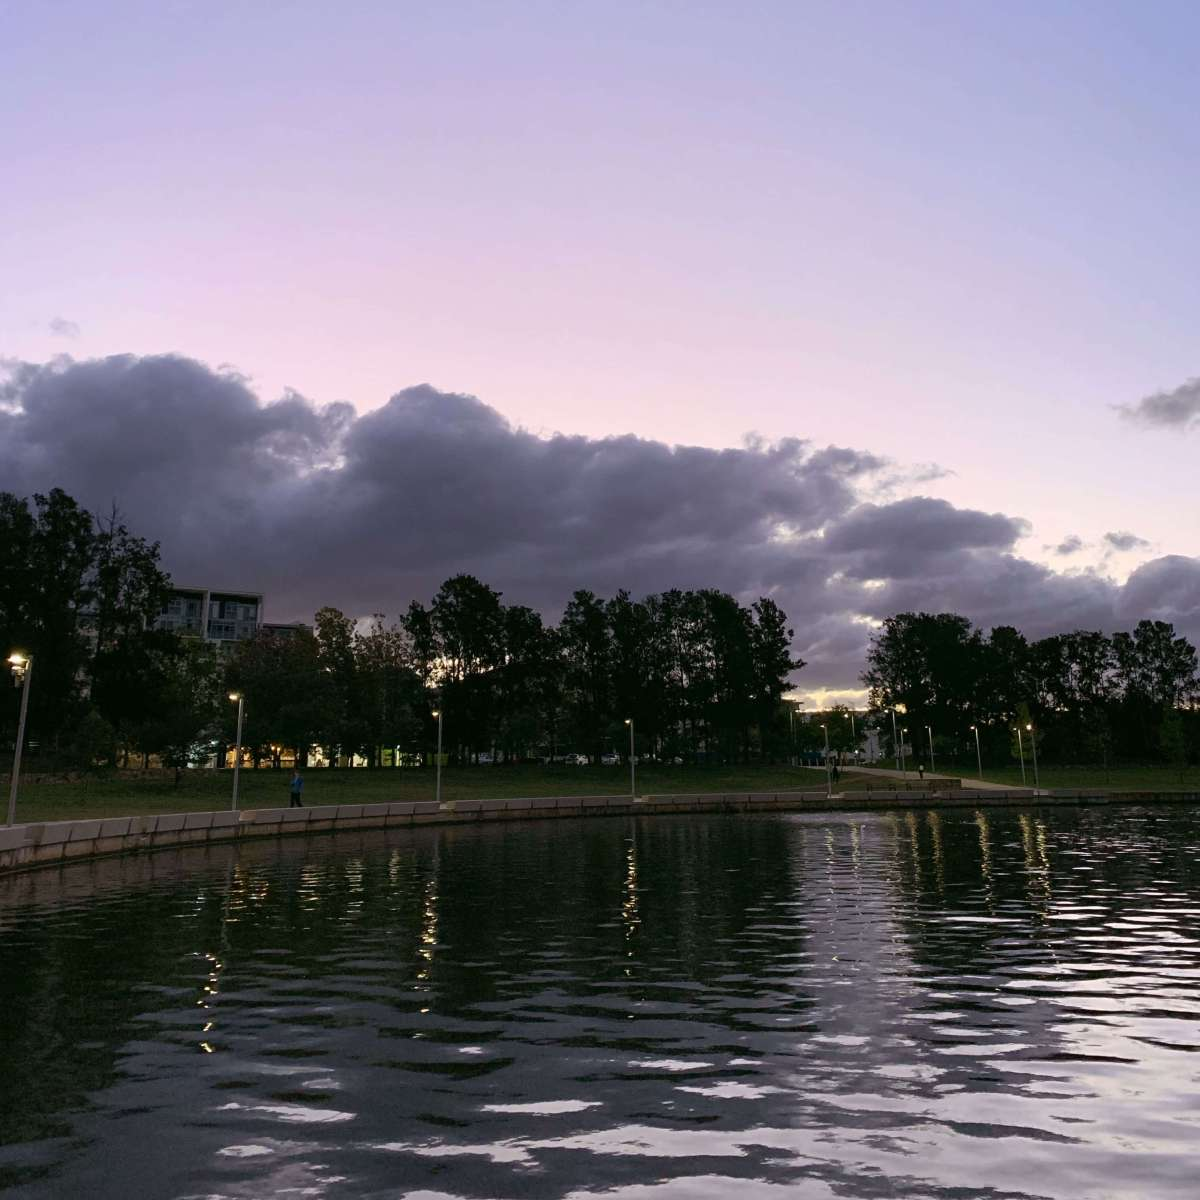 Lake Ginninderra in Canberra, Australia